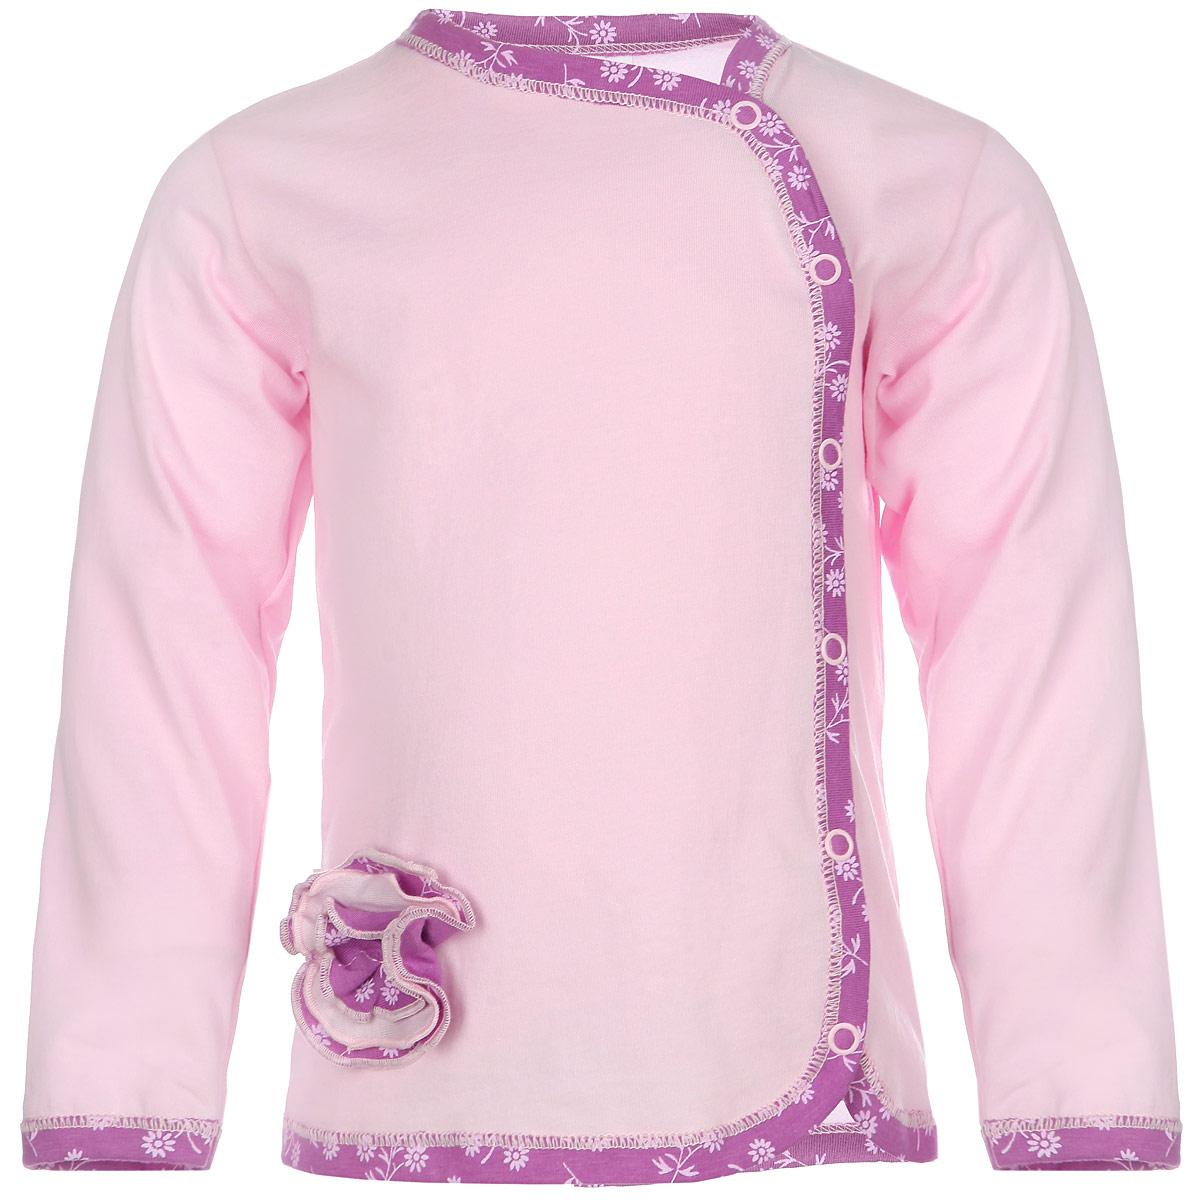 Кофточка для девочки Lucky Child Цветочки, цвет: светло-розовый, сиреневый. 11-17. Размер 68/74, 3-6 месяцев11-17Кофточка для девочки Lucky Child Цветочки, изготовленная из натурального хлопка, станет отличным дополнением к детскому гардеробу. Изделие очень мягкое и приятное на ощупь, не сковывает движения и хорошо вентилируется, обеспечивая комфорт. Кофточка с круглым вырезом горловины и длинными рукавами застегивается на кнопки. Края модели и низ рукавов дополнены трикотажной бейкой с цветочным принтом. Украшено изделие пришитым текстильным цветком. Кофточка полностью соответствует особенностям жизни младенца в ранний период, не стесняя и не ограничивая его в движениях. В ней ваша маленькая принцесса всегда будет в центре внимания!